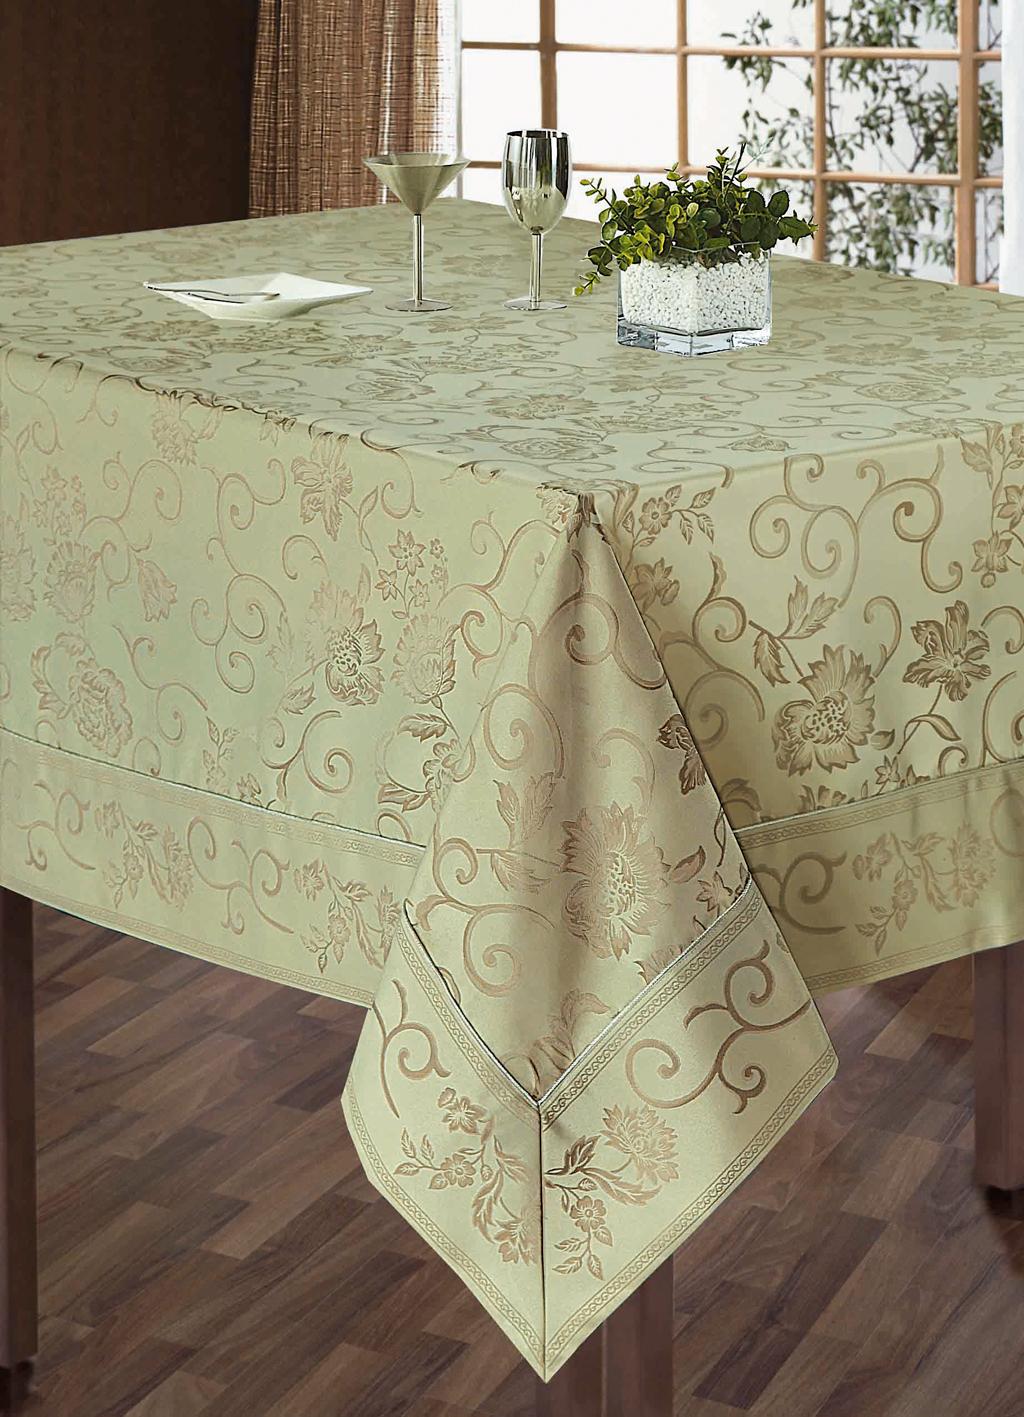 Комплект столового белья SL, цвет: бежевый, 9 предметов. 1011310113Роскошный комплект столового белья SL состоит из скатерти прямоугольной формы и 8 квадратных салфеток. Комплект выполнен из жаккарда с изящным цветочным рисунком. Комплект, несомненно, придаст интерьеру уют и внесет что-то новое. Использование такого комплекта сделает застолье более торжественным, поднимет настроение гостей и приятно удивит их вашим изысканным вкусом. Вы можете использовать этот комплект для повседневной трапезы, превратив каждый прием пищи в волшебный праздник и веселье. Жаккард - это гладкая, безворсовая ткань сложного плетения, в состав которой входят как синтетические, так и органические волокна. У белья из жаккардовой ткани гладкая и приятная на ощупь фактура. Его контурный рисунок, созданный благодаря особому плетению, выглядит дорого и изящно. Здесь воссоединились блеск шелка и уютная мягкость хлопка. Жаккардовые ткани очень прочны и долговечны, очень удобны в эксплуатации. Комплект упакован в красивую подарочную коробку. ...